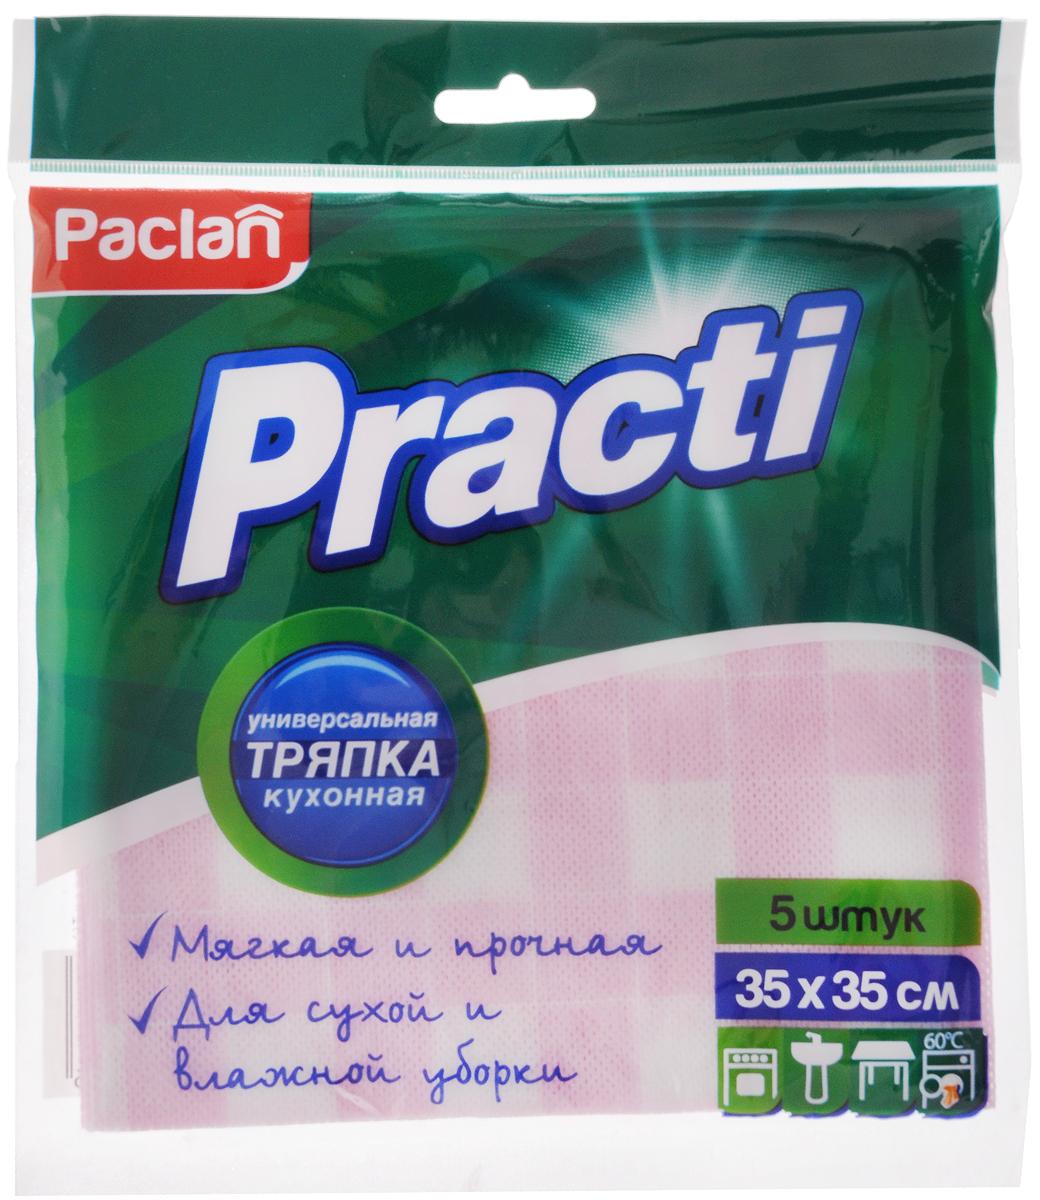 Салфетка для уборки Paclan Practi, универсальная, цвет: белый, розовый, 35 х 35 см, 5 шт410121/310611/310612_розовыйСалфетки для уборки Paclan Practi, выполненные из вискозы и полиэстера, превосходно впитывают влагу и легко отжимаются. Они быстро и эффективно очищают загрязнения, не оставляют разводов и ворсинок на поверхности. Изделия подходят как для влажной, так и для сухой уборки.В комплекте 5 салфеток.